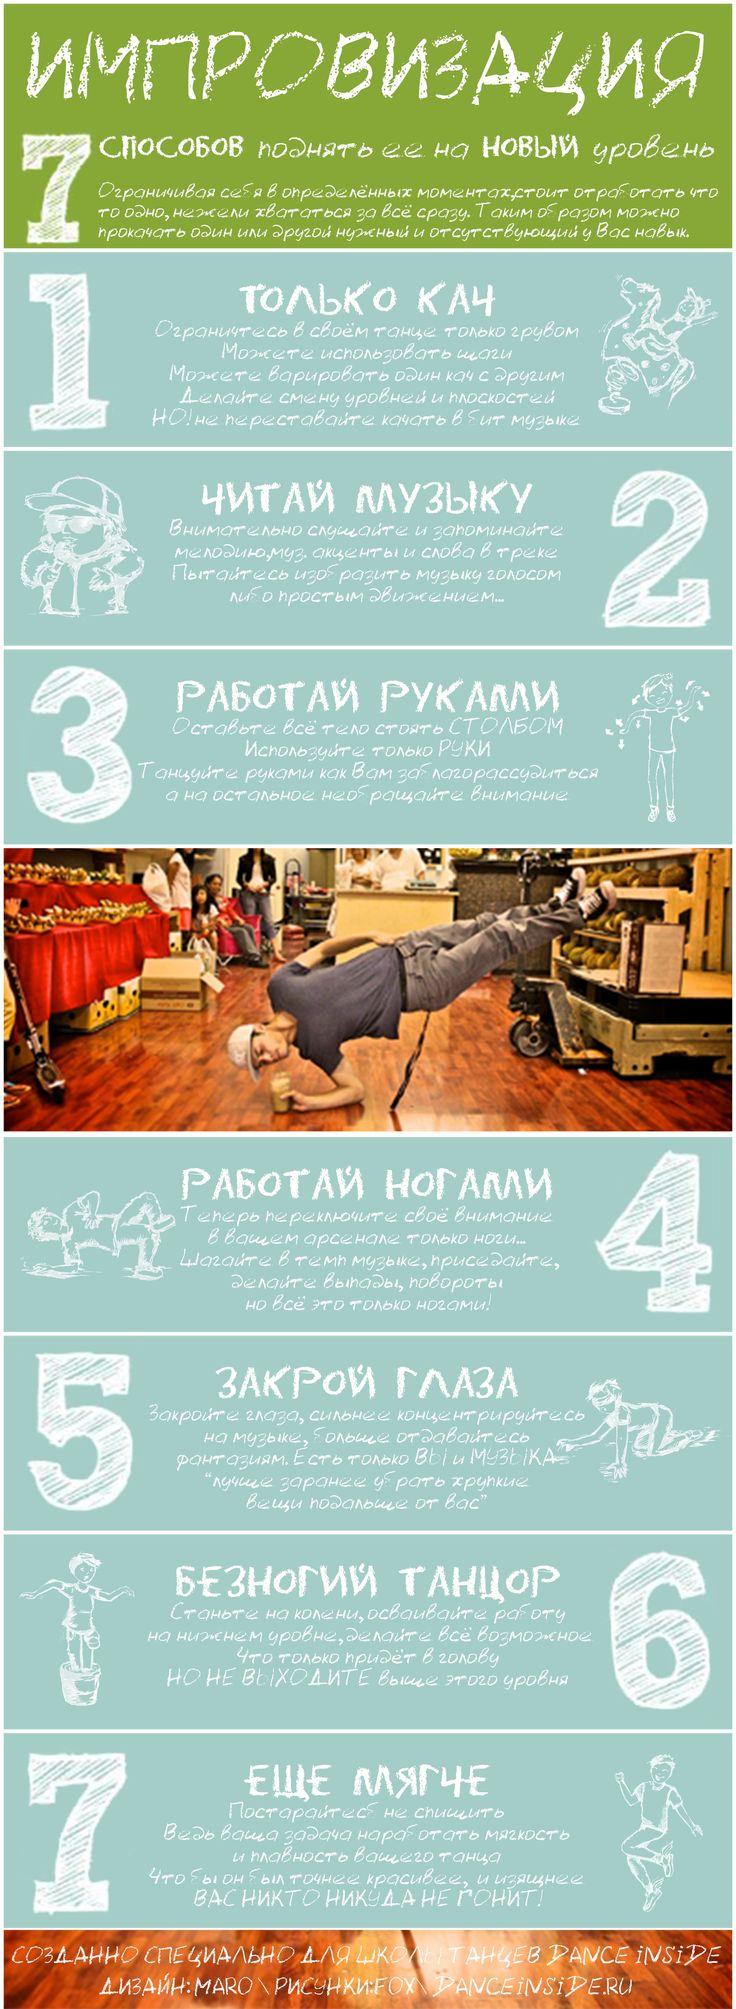 7 советов помогающих развить импровизацию в танце, по словам Vorb'a